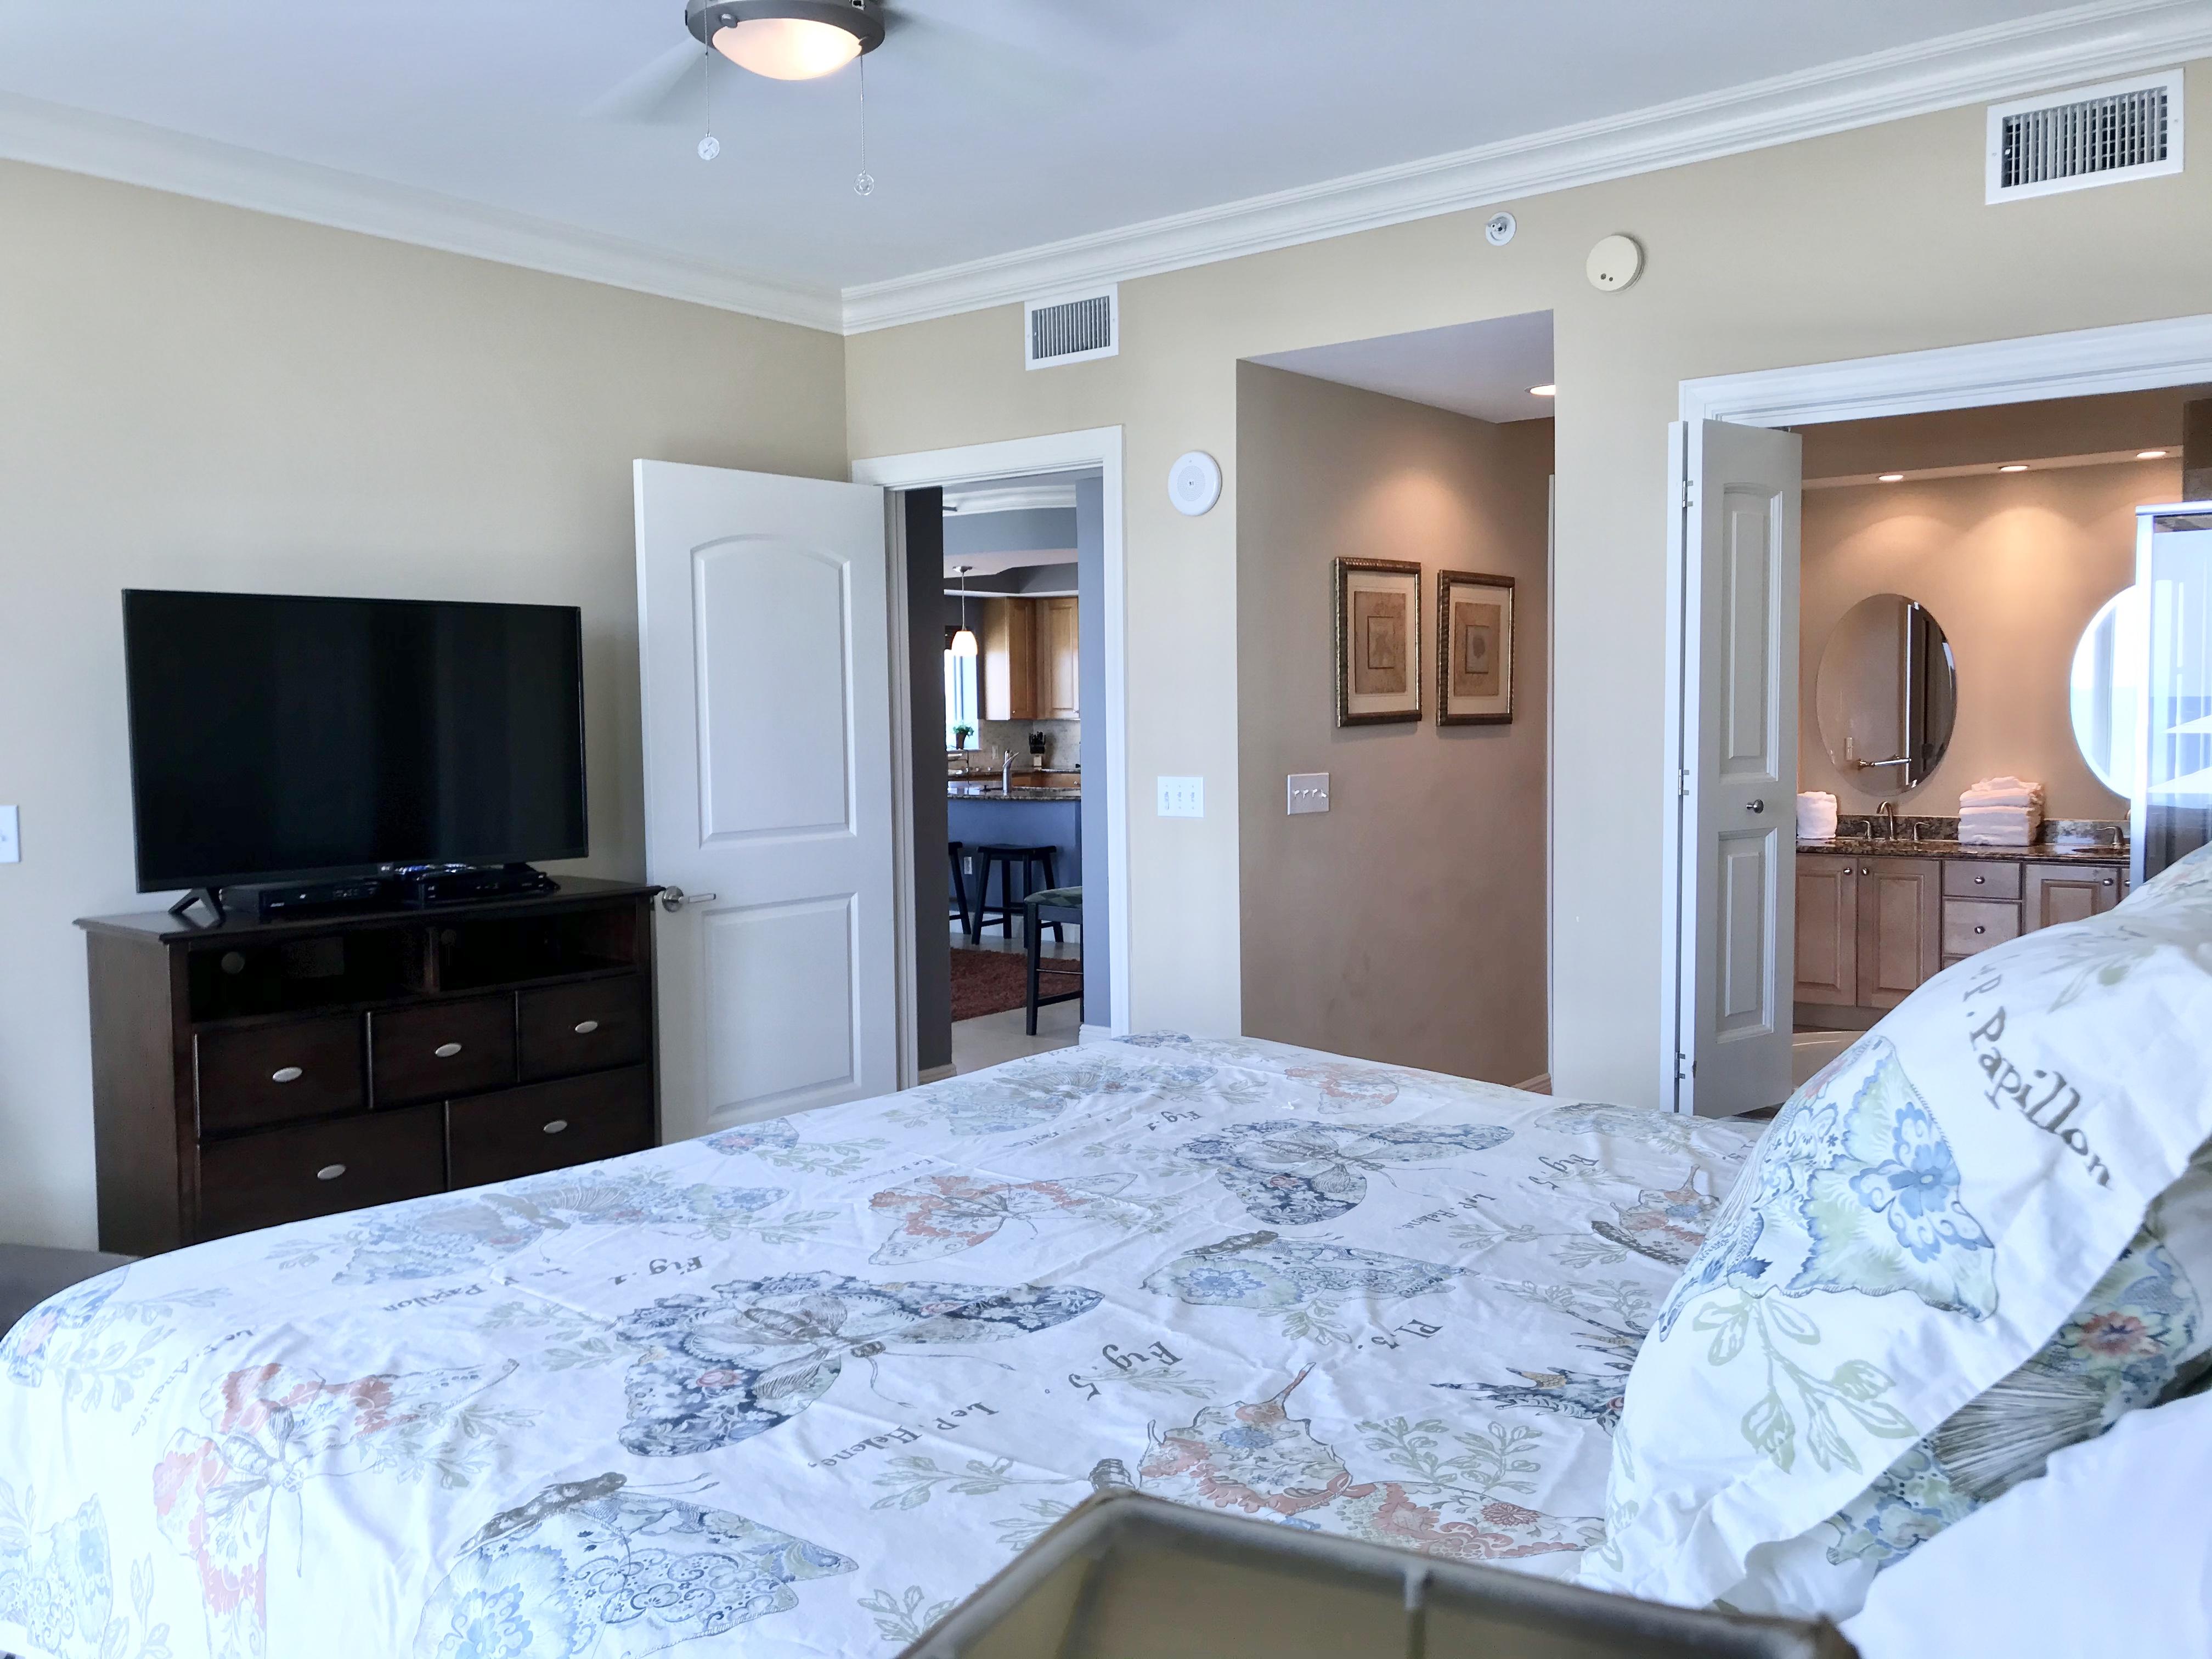 Mustique 401 Condo rental in Mustique in Gulf Shores Alabama - #32